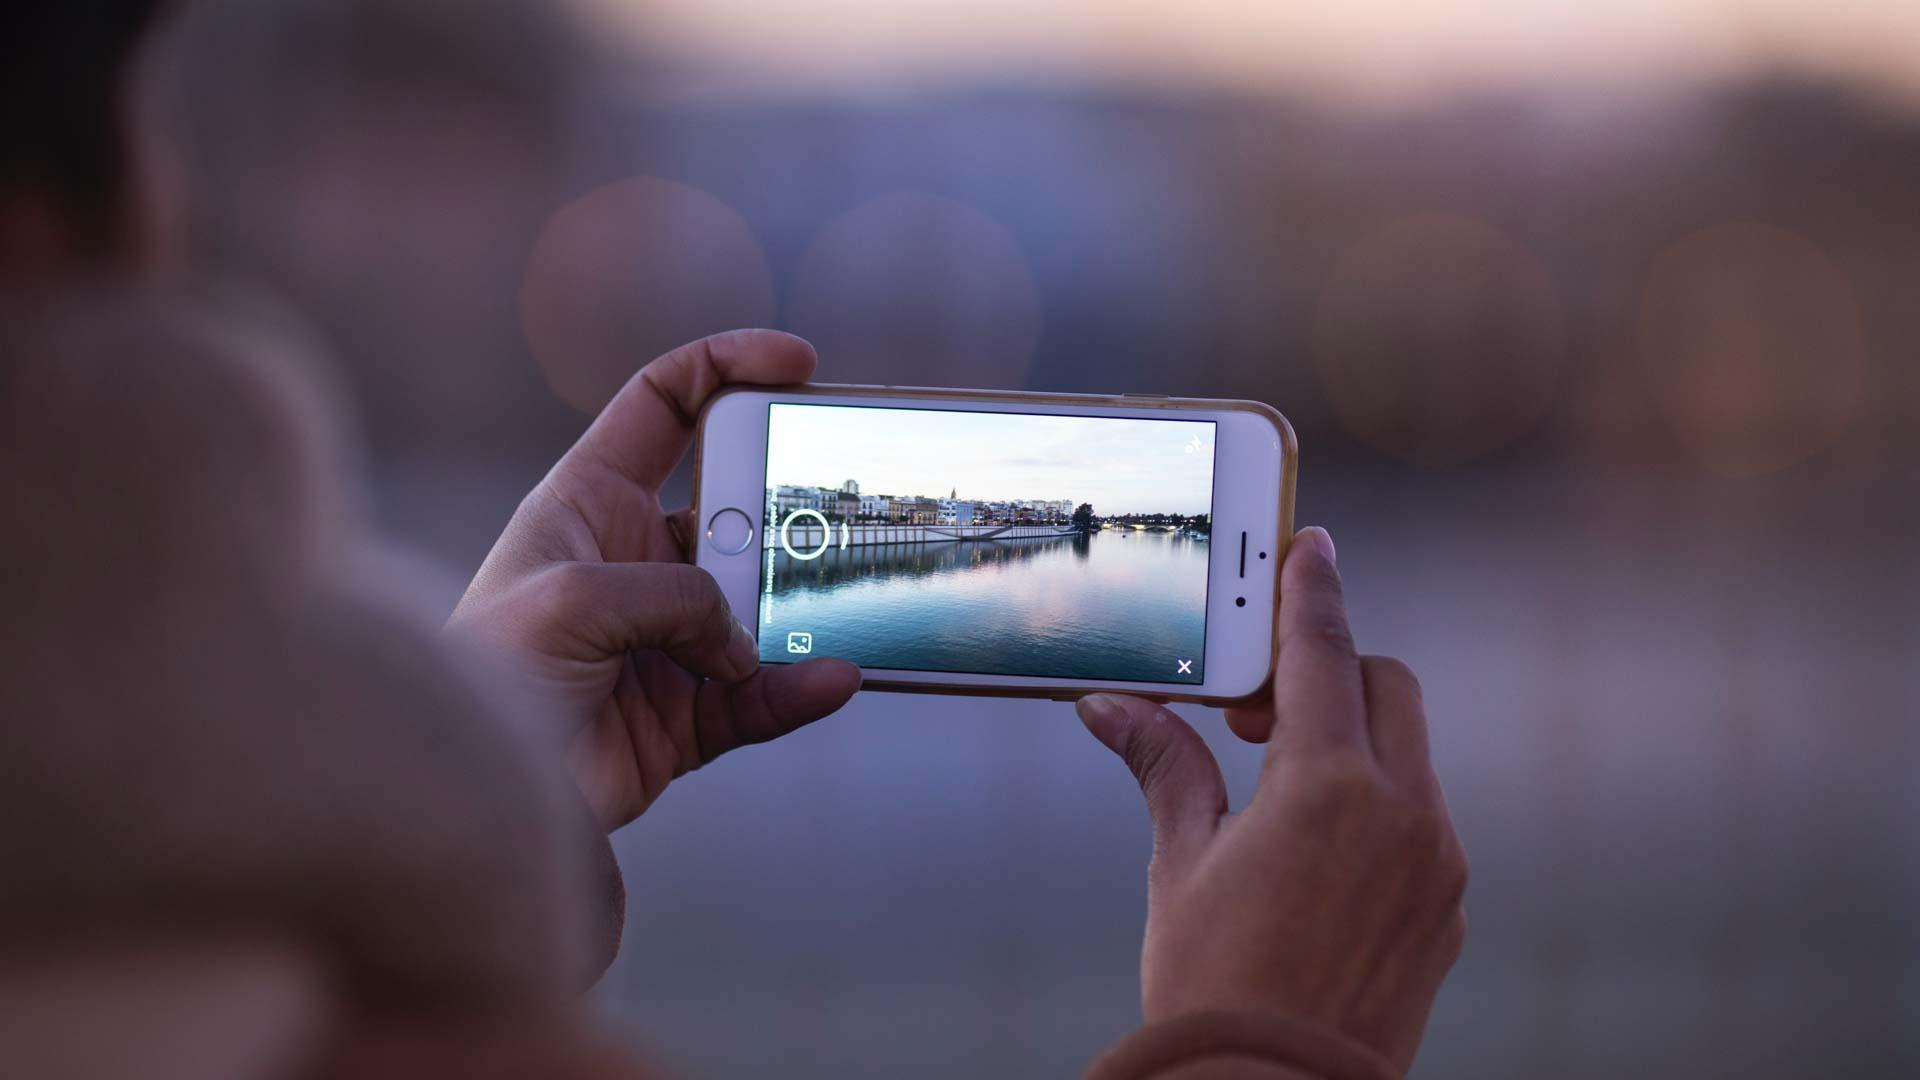 Mobilfoto för fotografer online